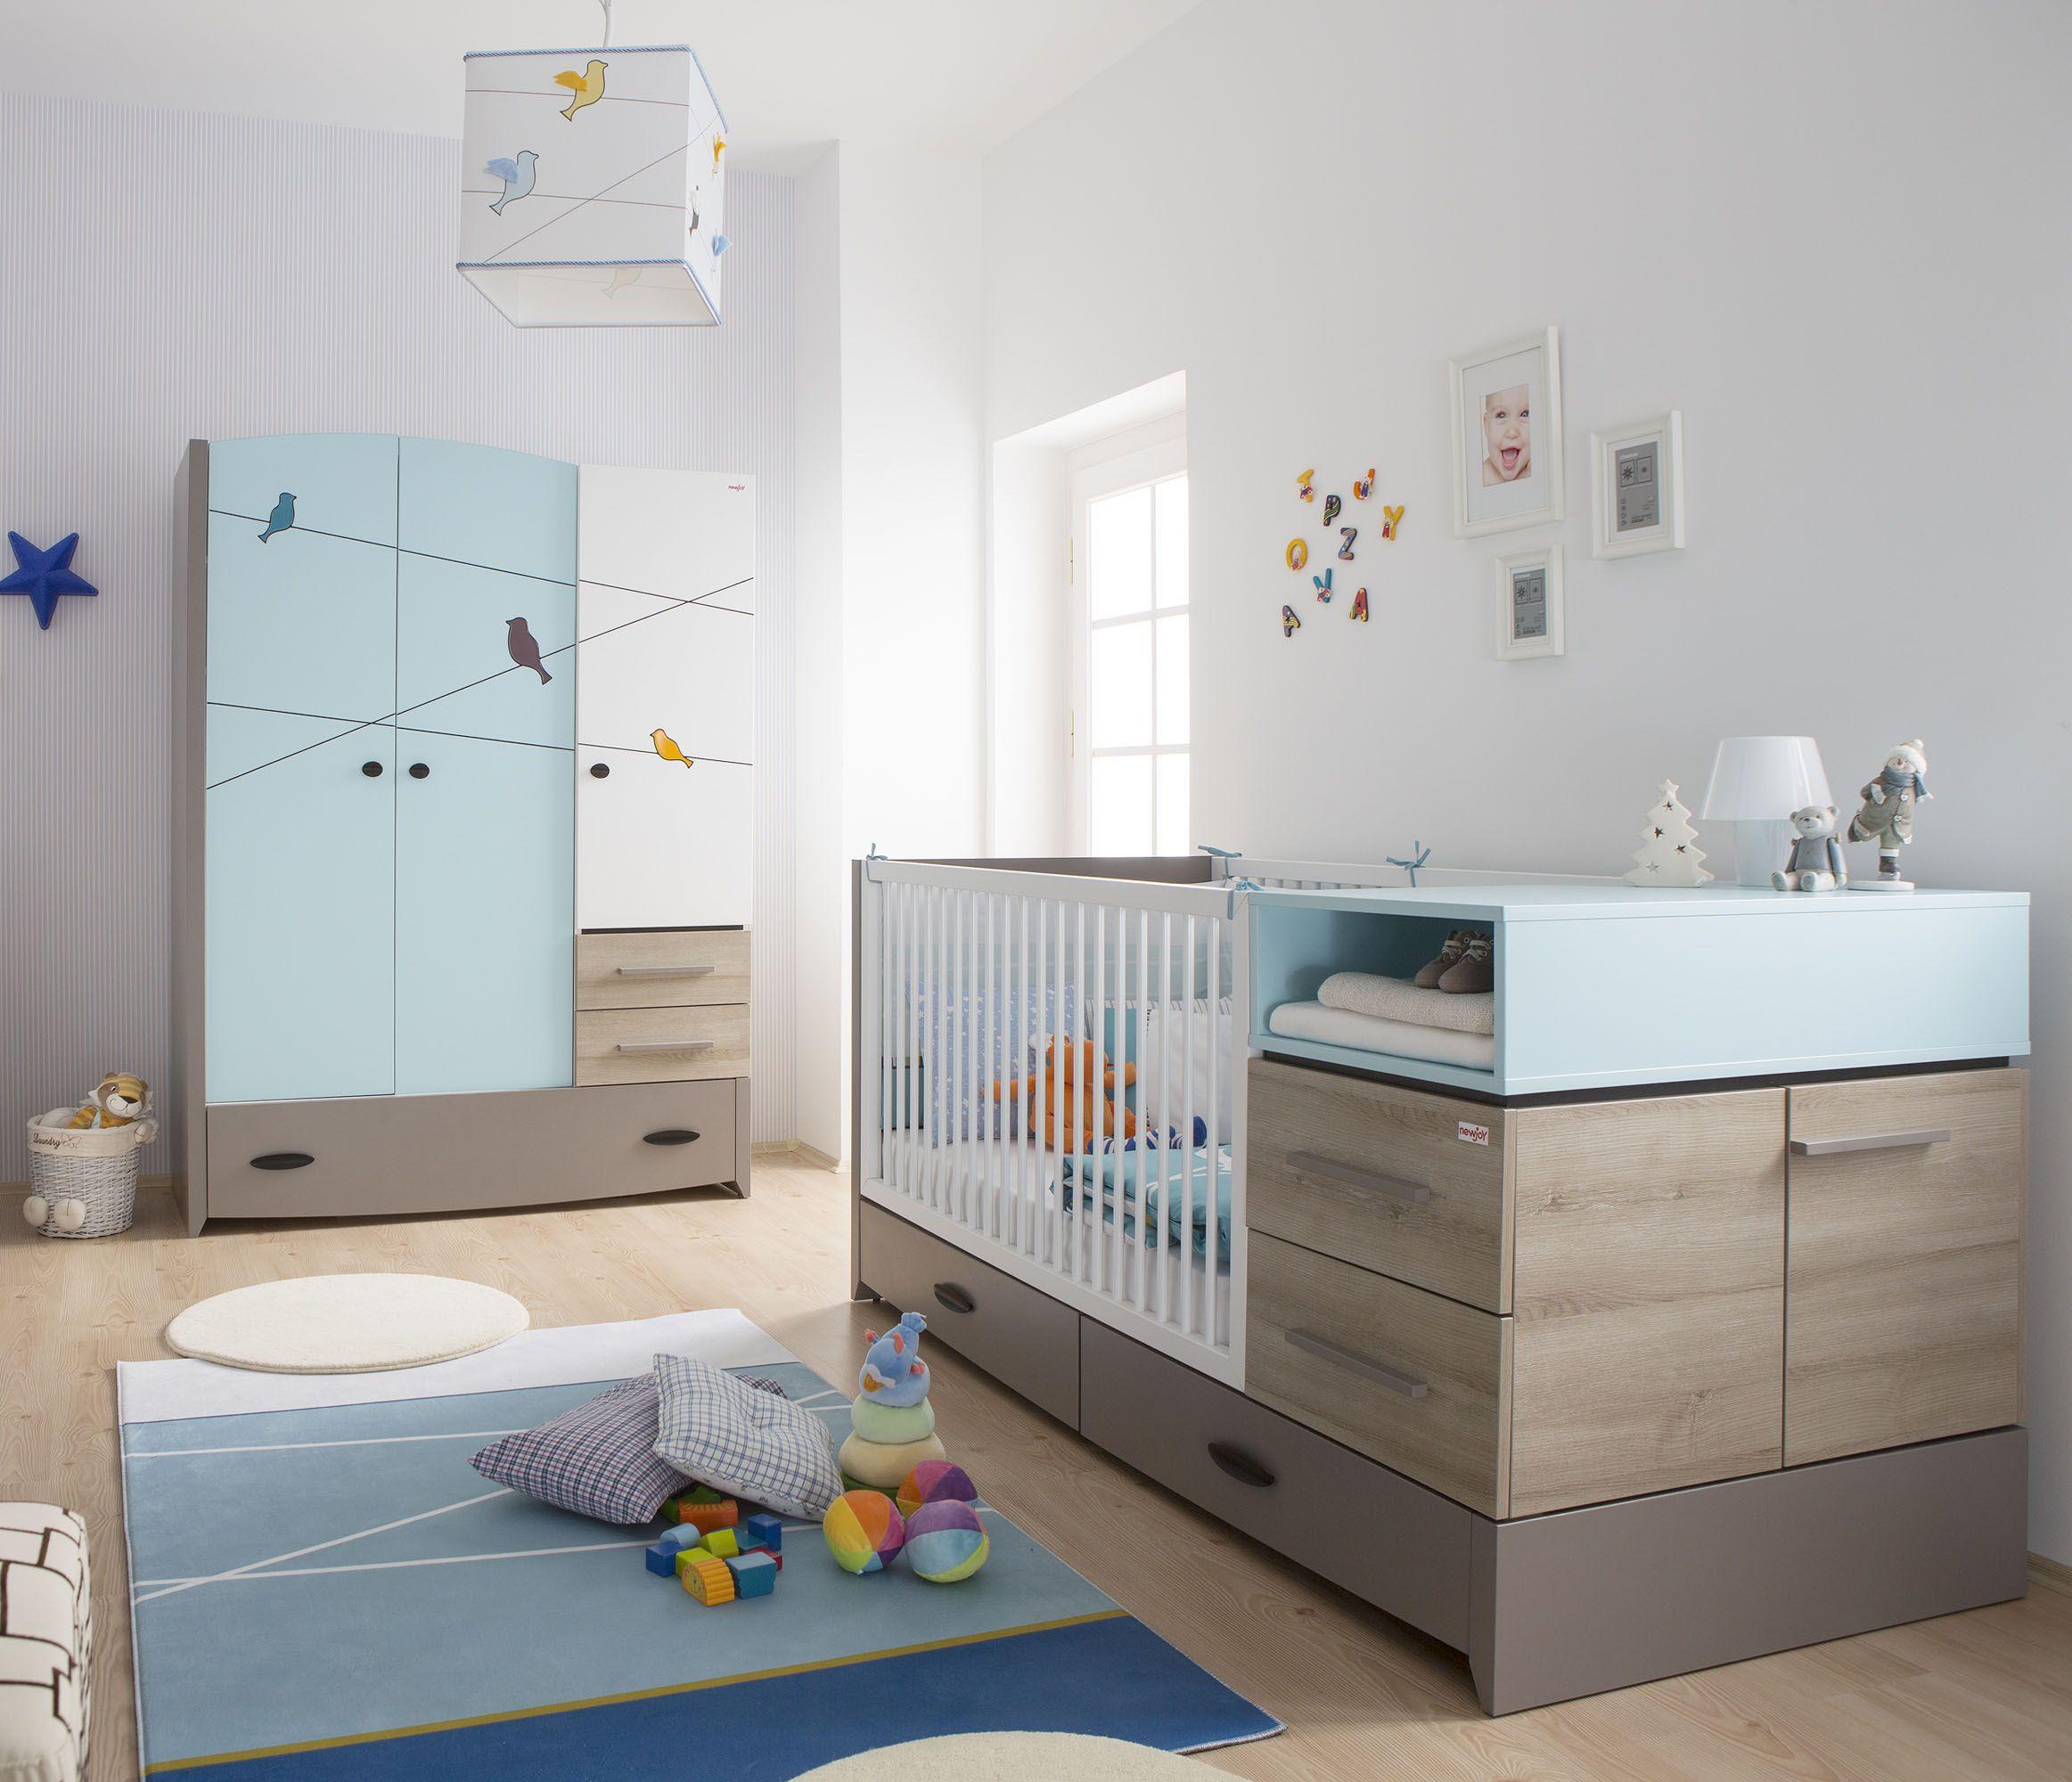 Newjoy Blue Birdy Oda #oda #room #bebek #baby #bebekodası #babyroom ...